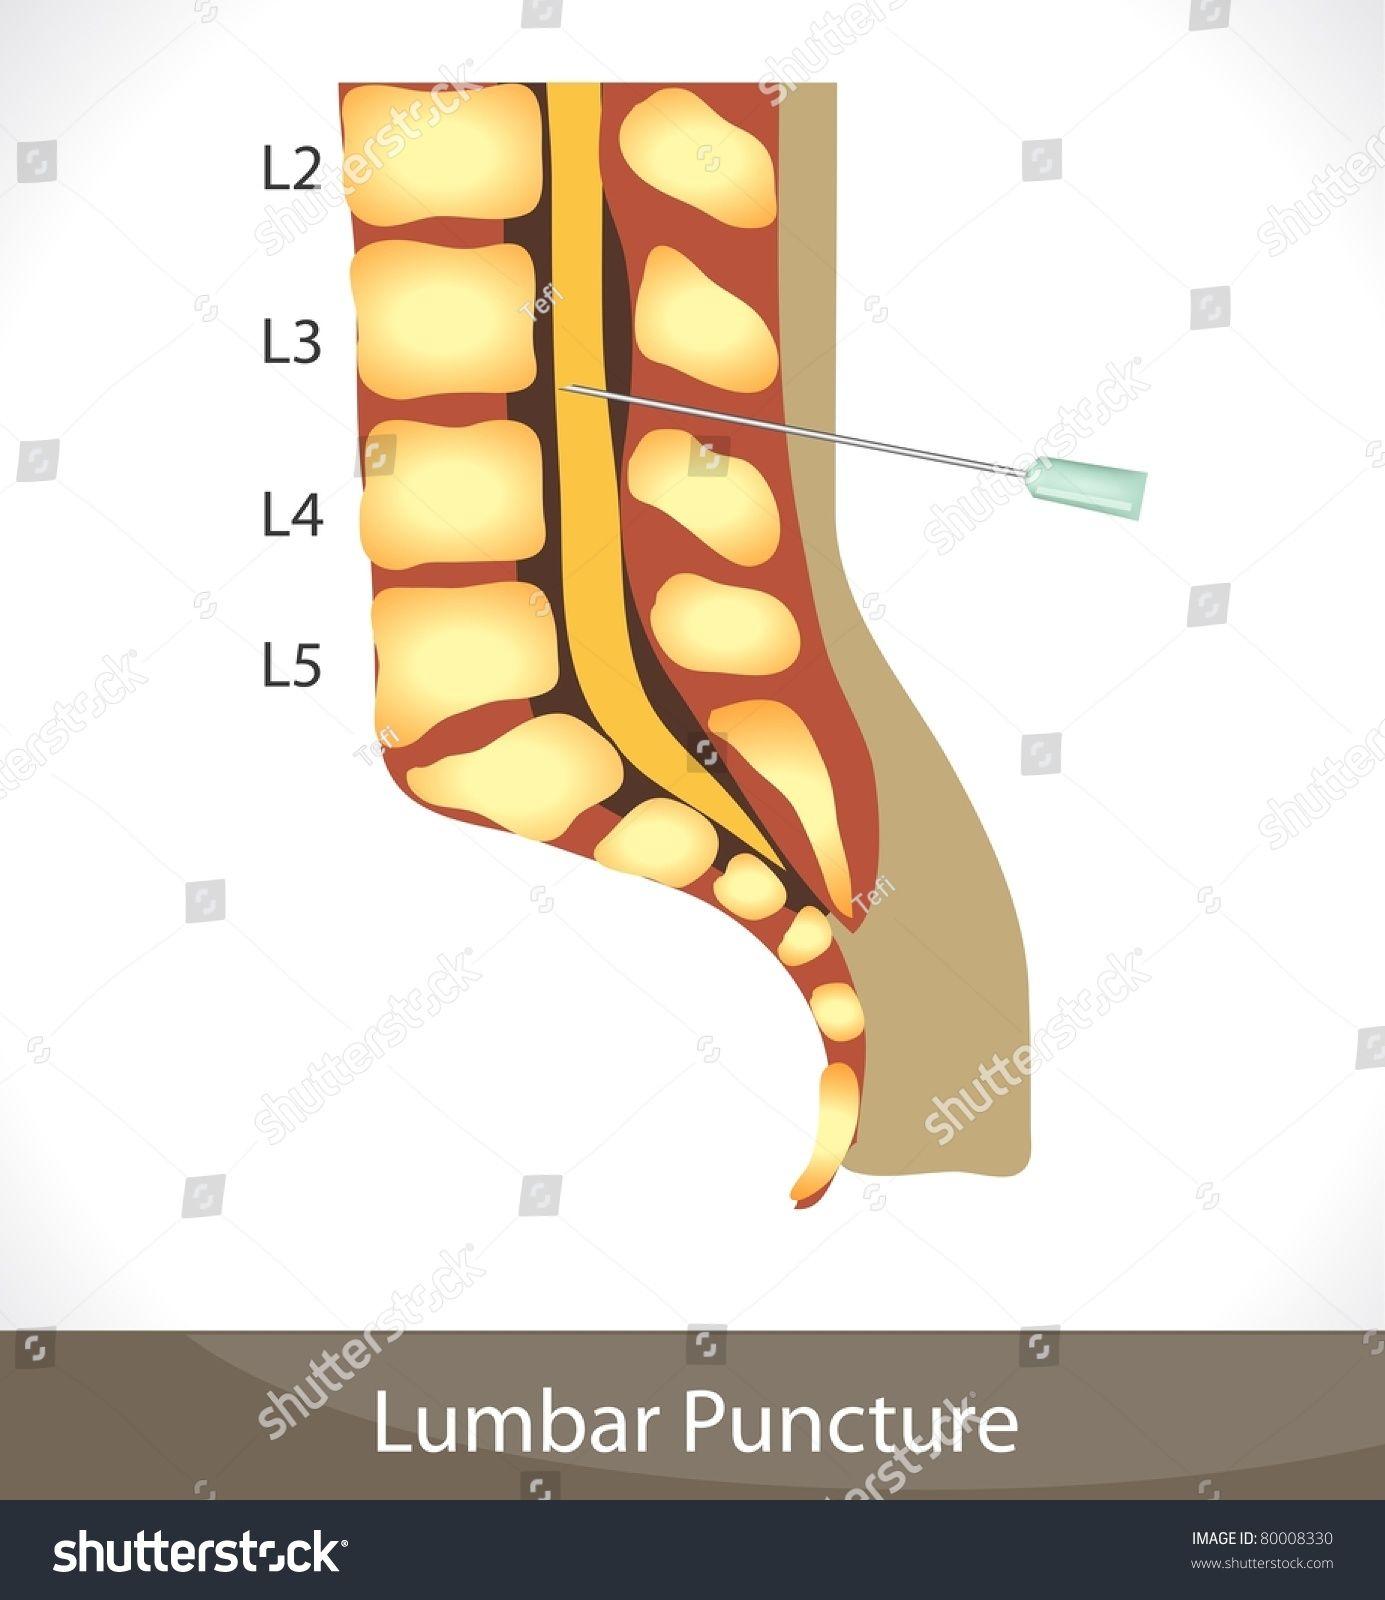 Lumbar Puncture Detailed Diagram Of Lumbar Puncture Spine Anatomy Diagram